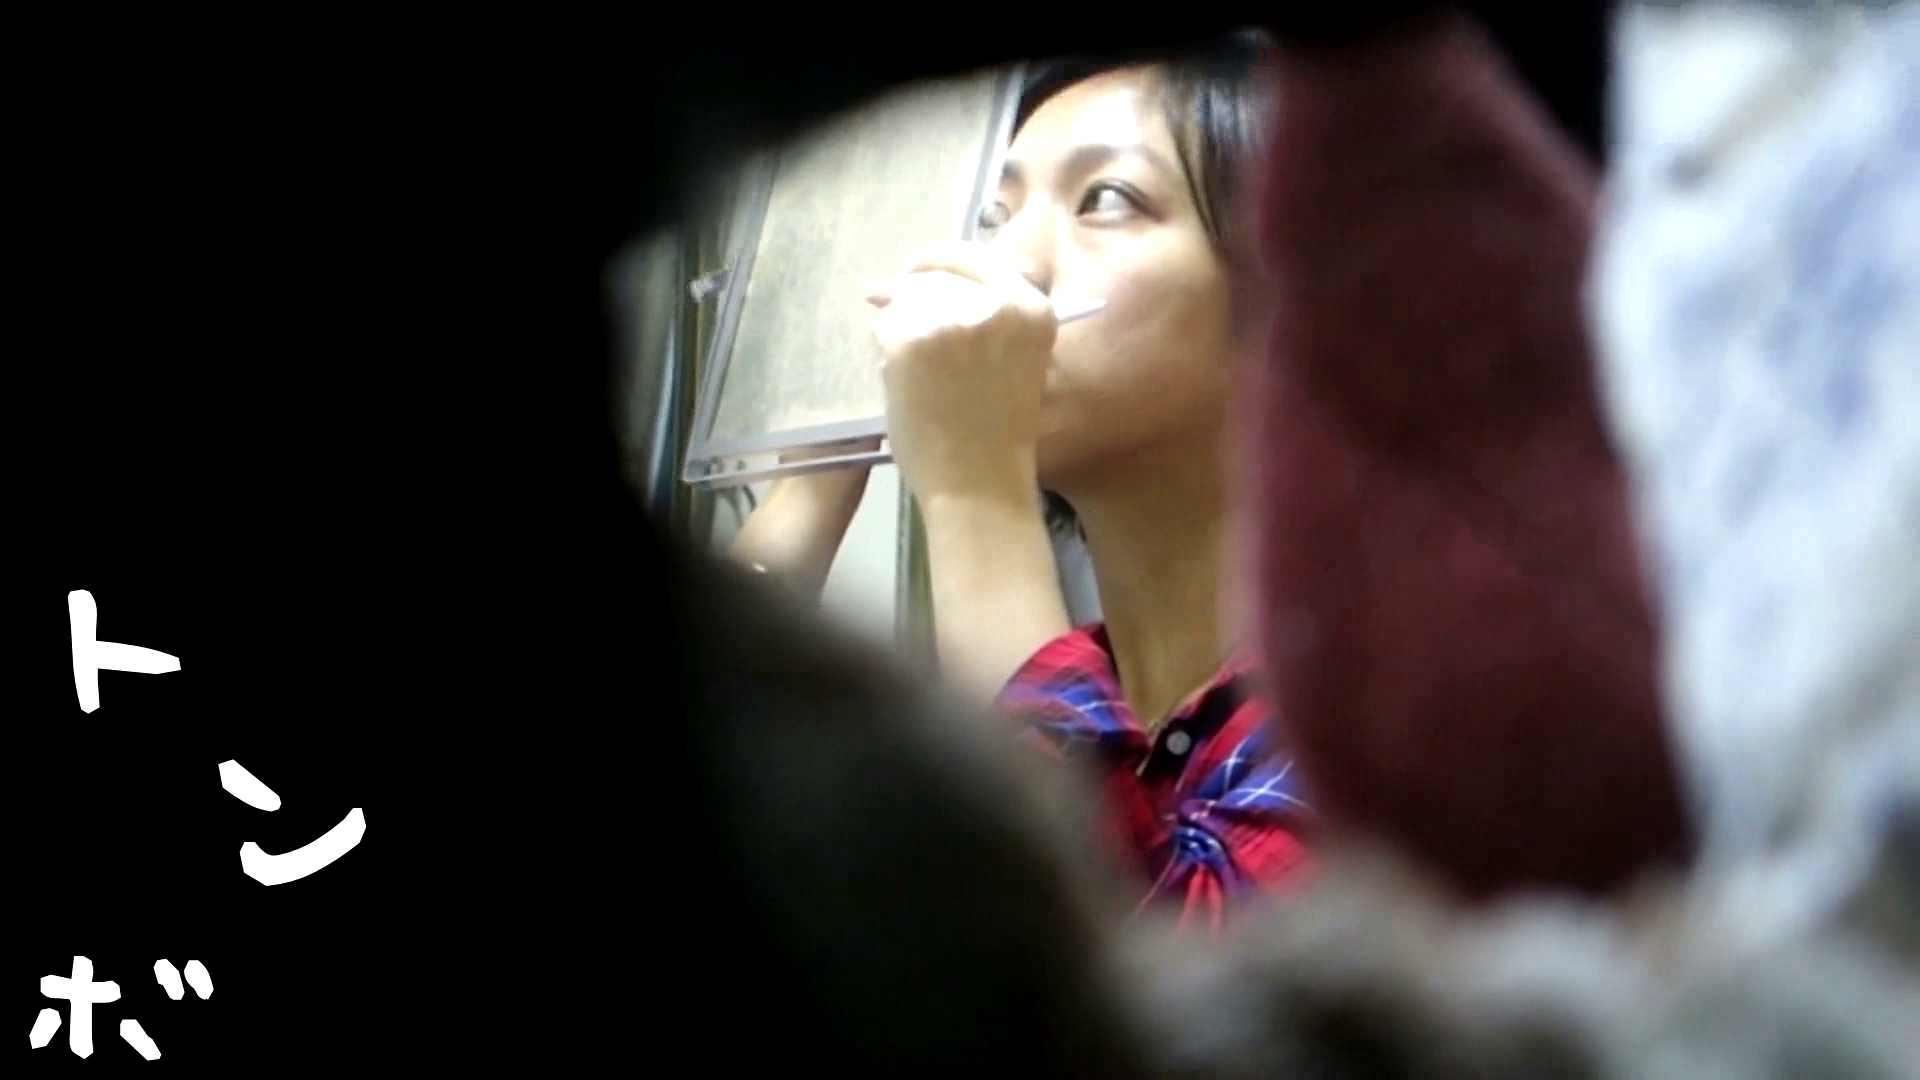 リアル盗撮 本上まなみまなみ似 アパレル店員の私生活 美女 盗撮ワレメ無修正動画無料 27pic 22